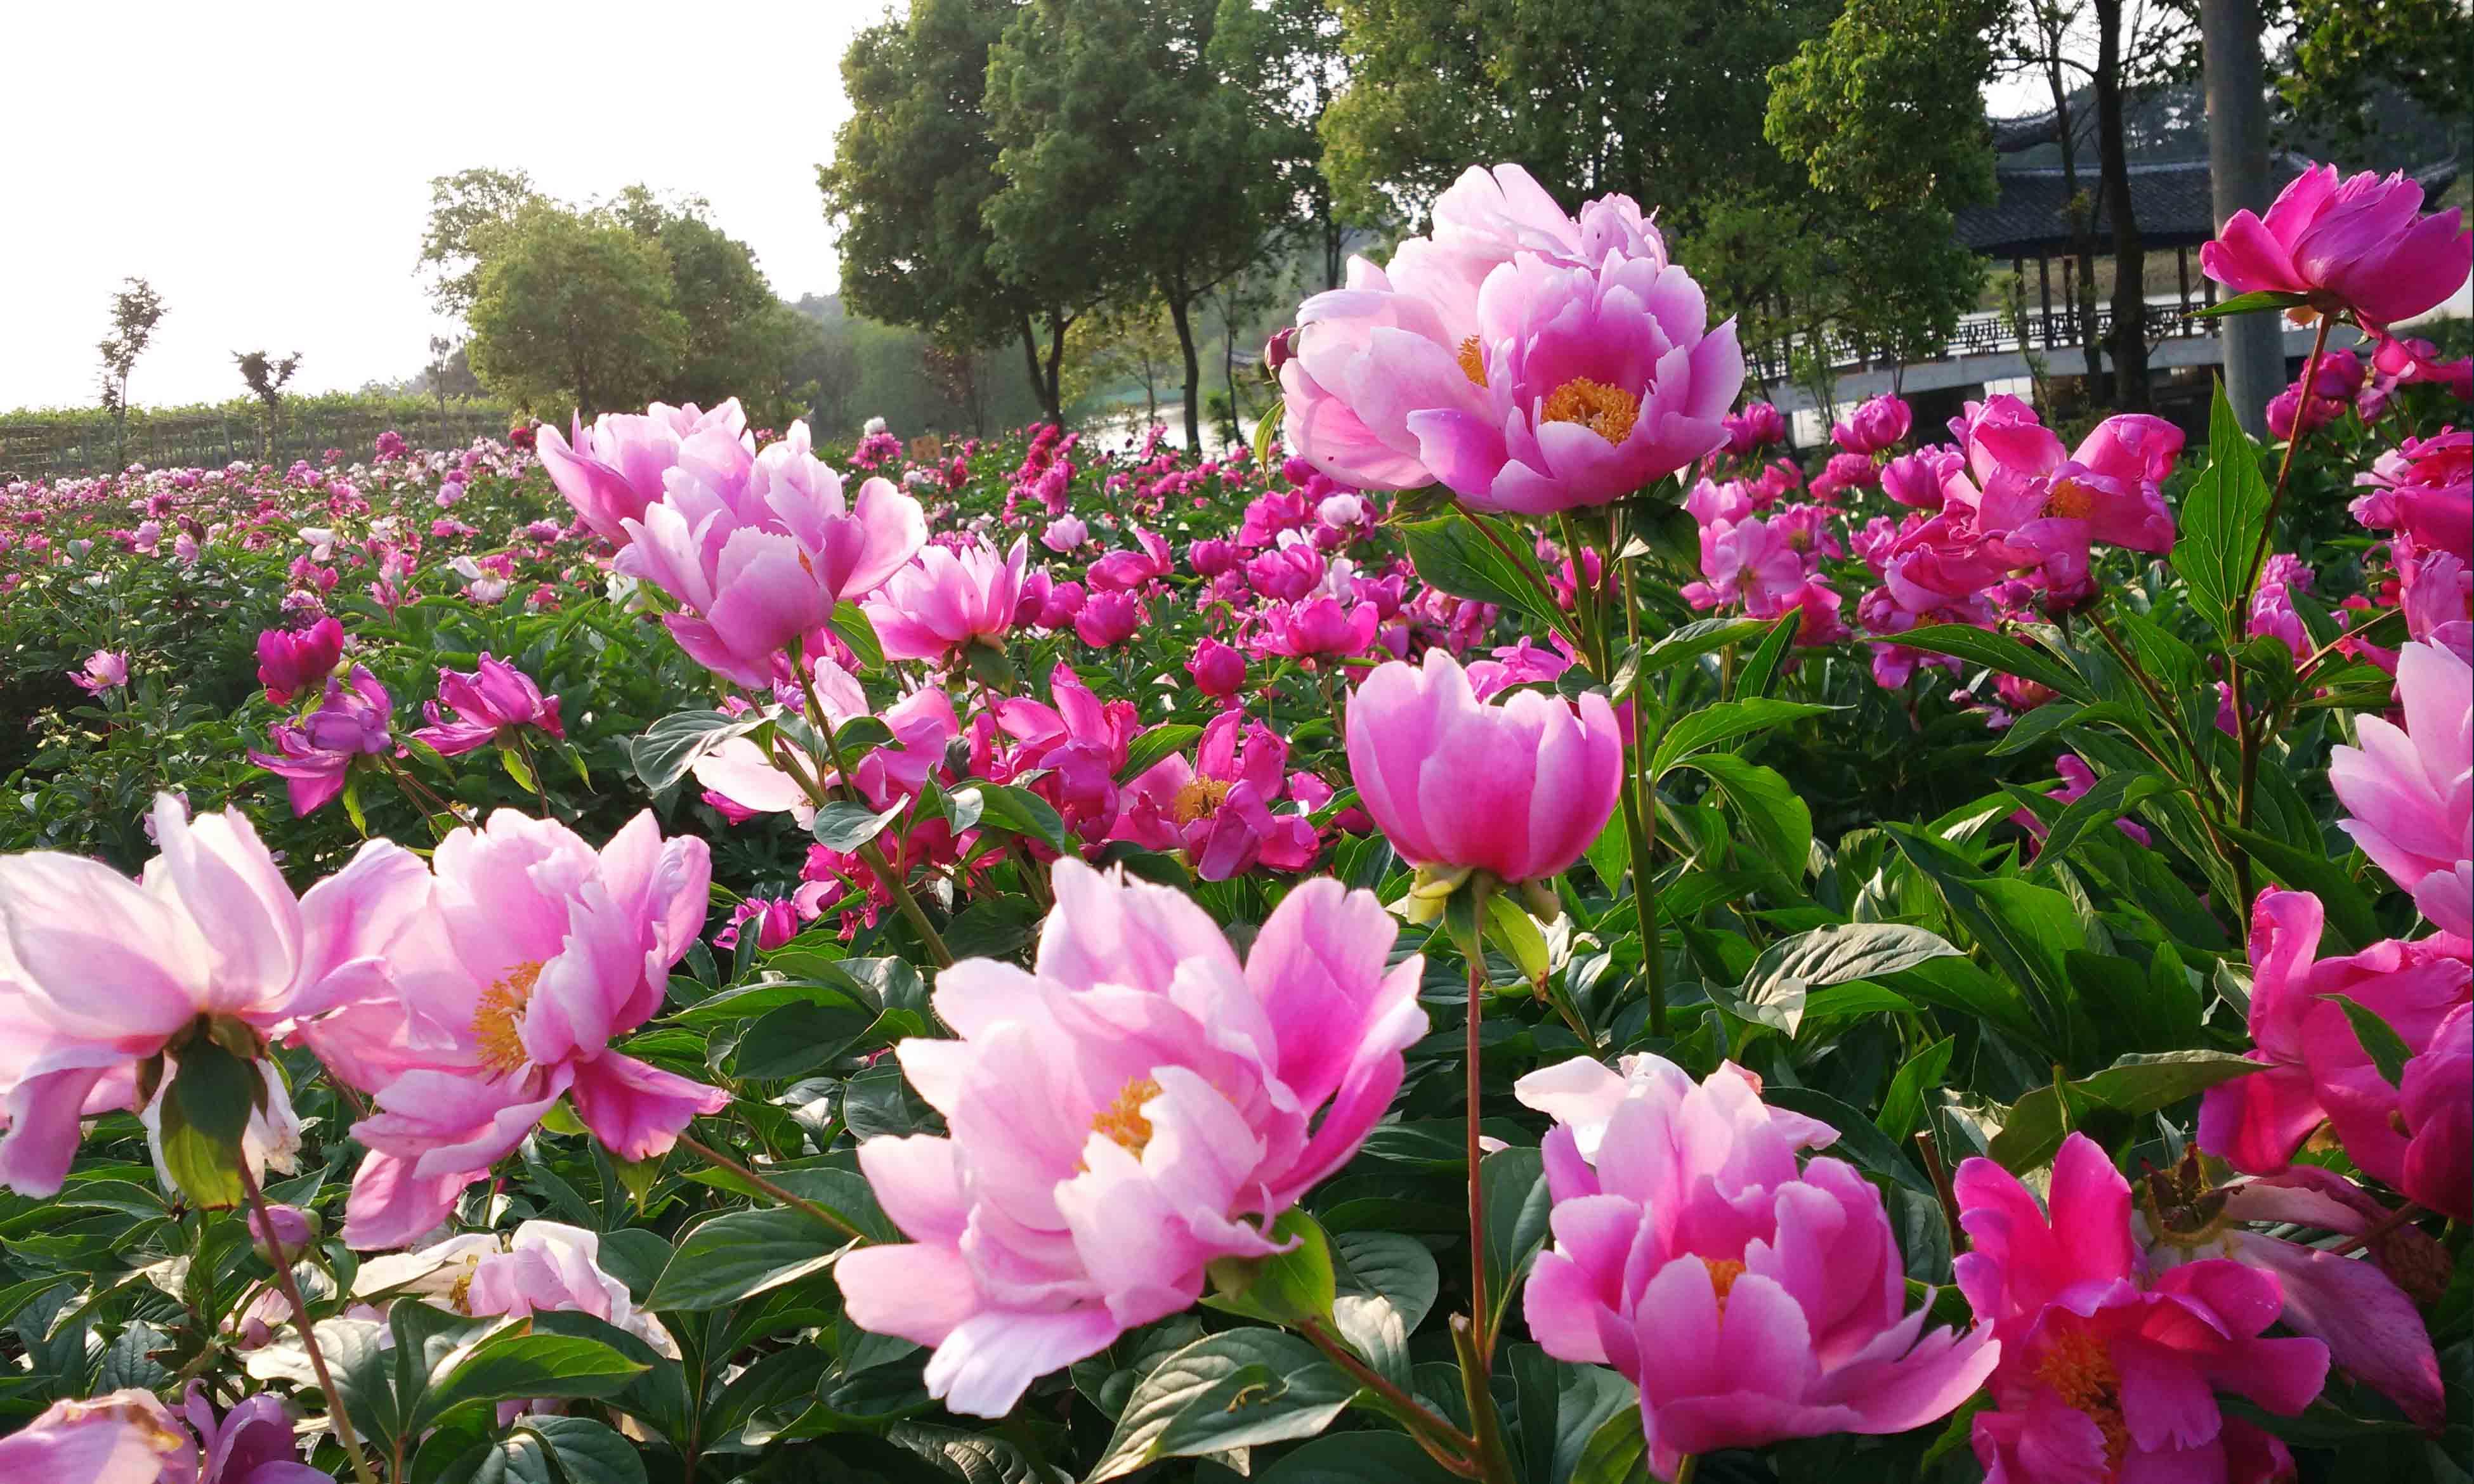 第五个星期中晚芍药开放,与早花芍药一起飘香!二百亩花园内花海一片.